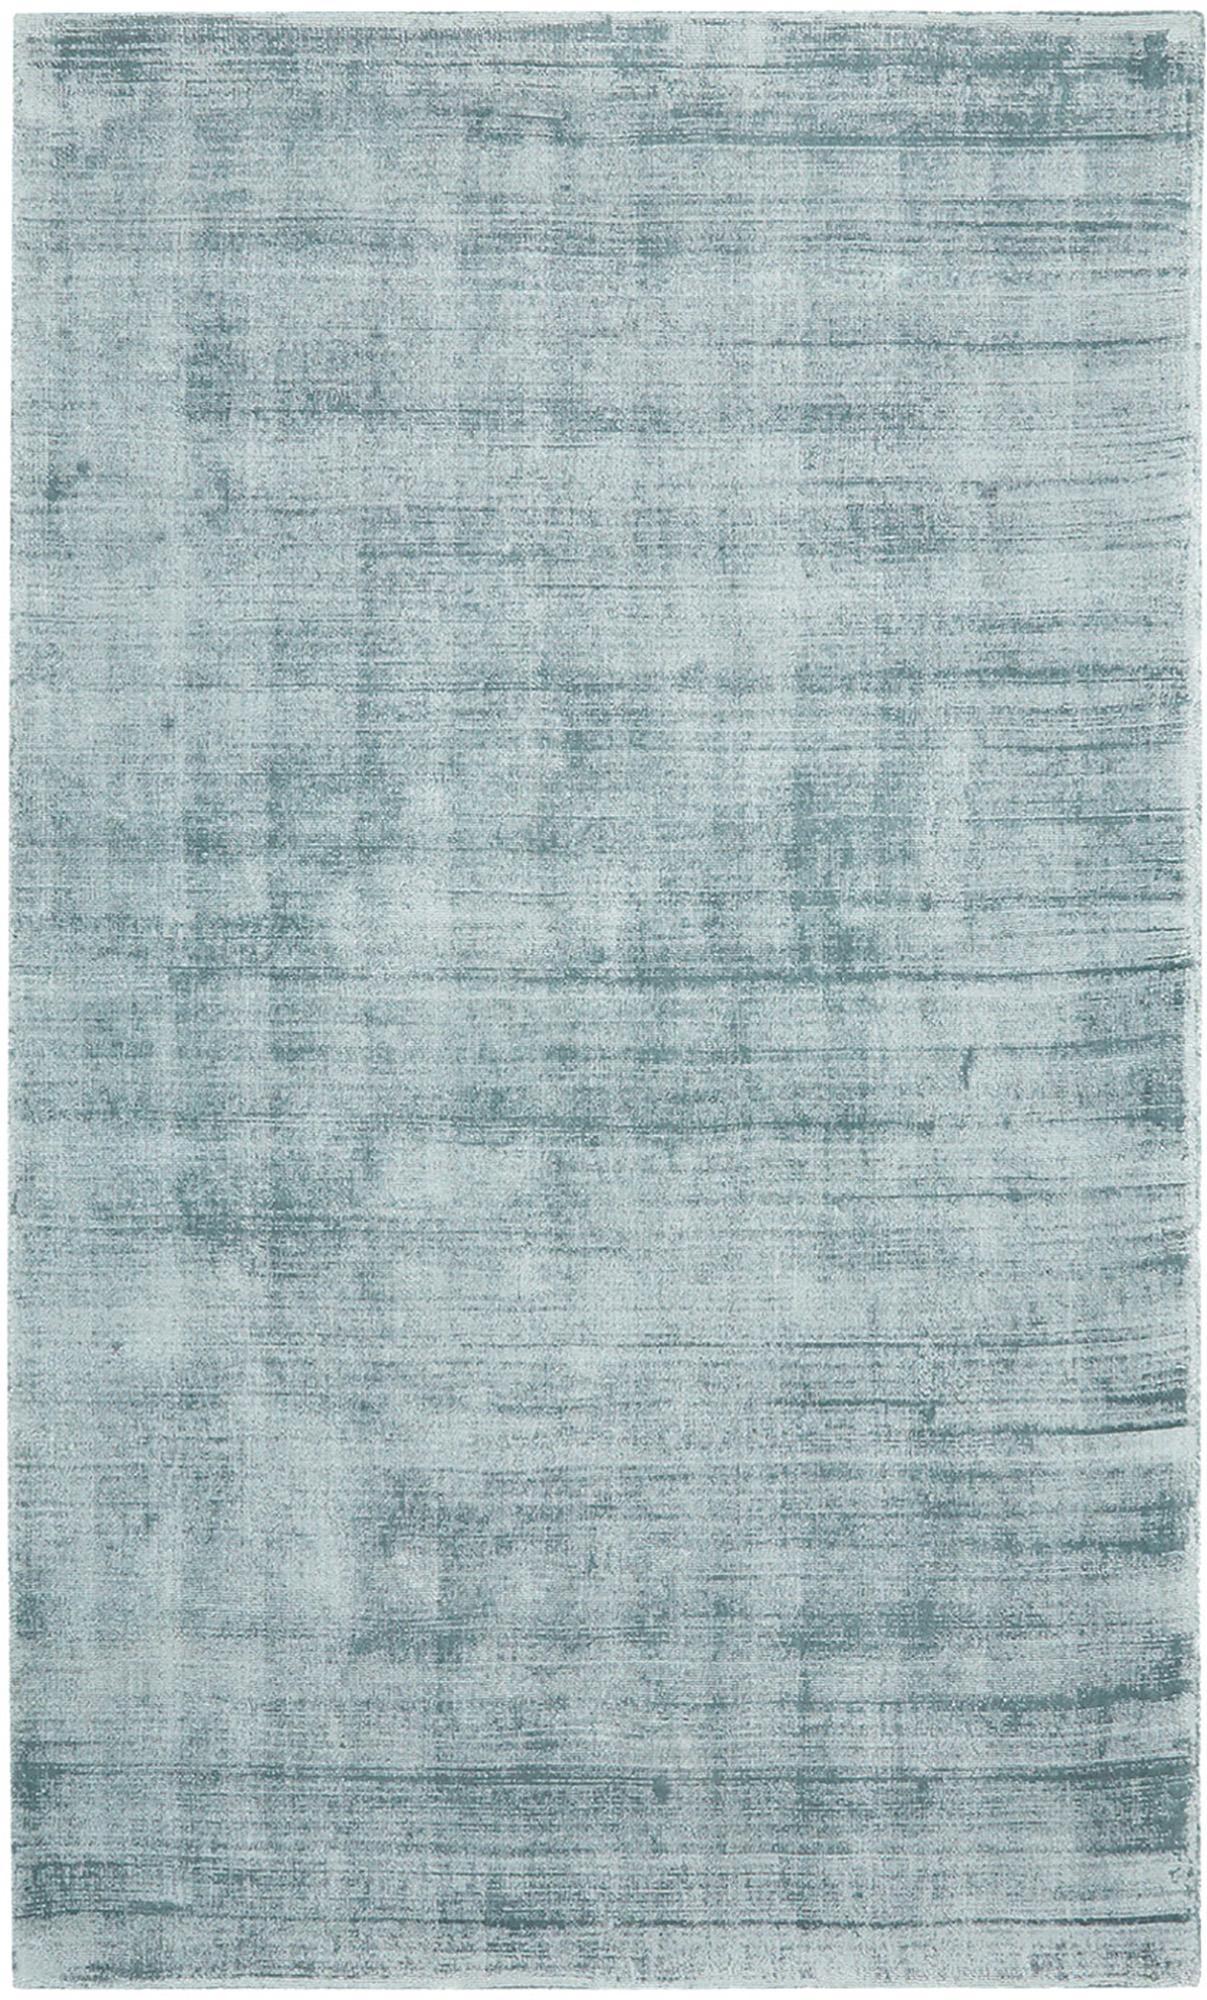 Tappeto in viscosa tessuto a mano Jane, Retro: 100% cotone, Blu ghiaccio, Larg. 90 x Lung. 150 cm (taglia XS)